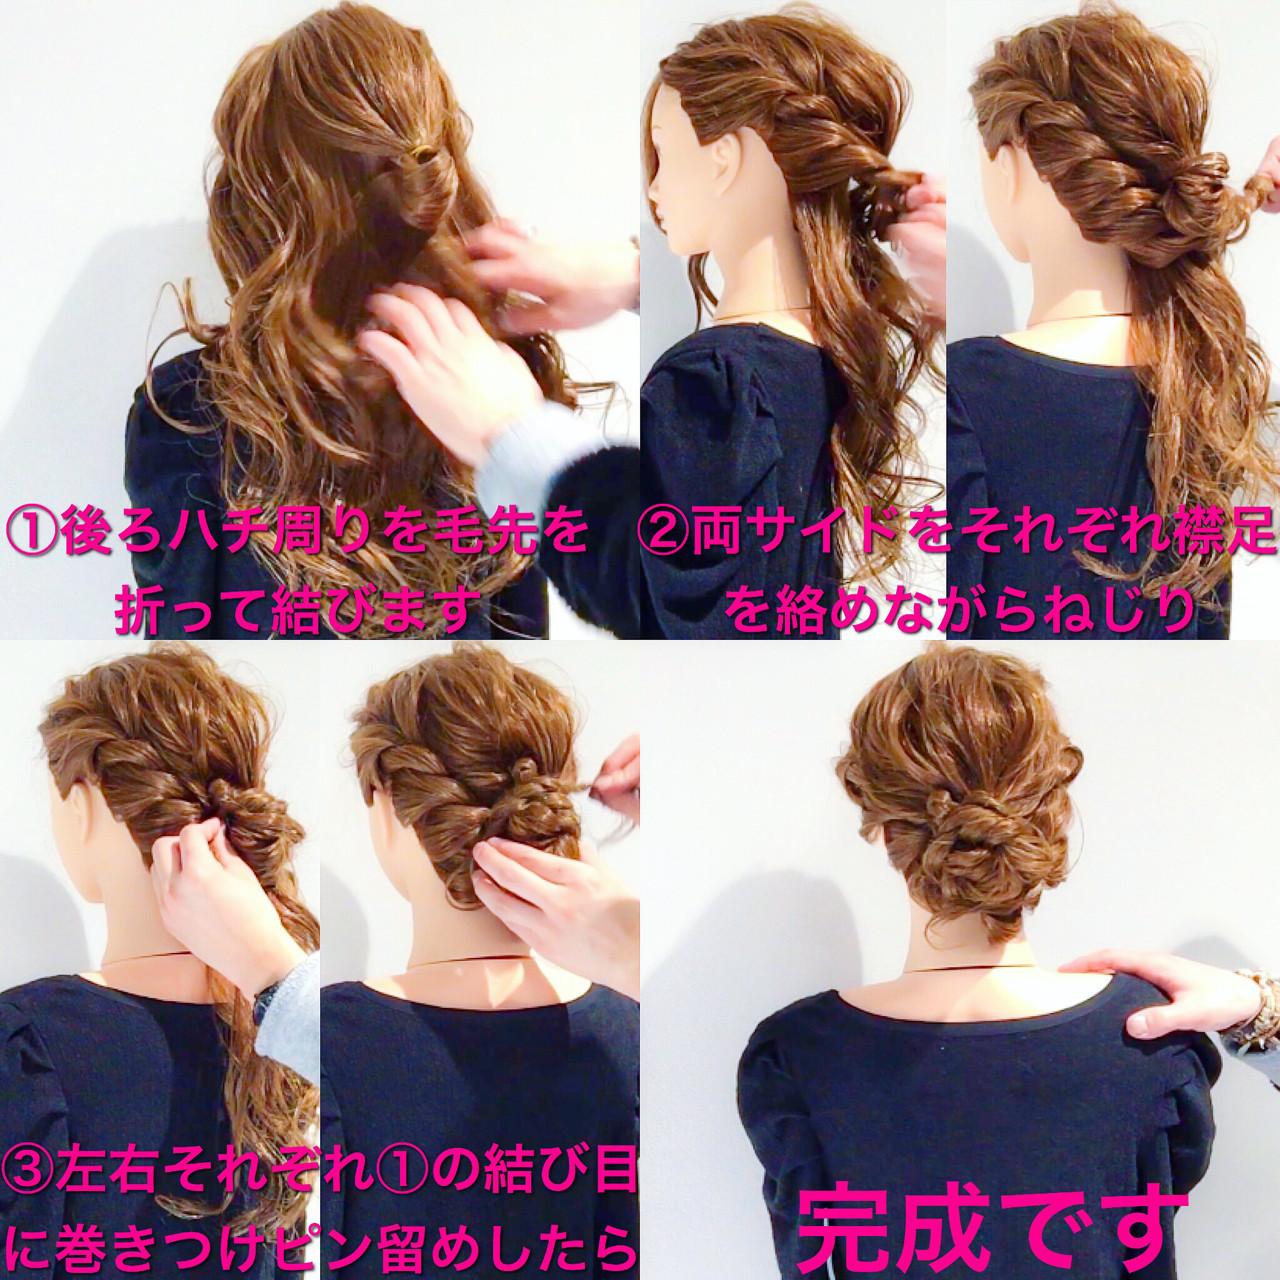 お呼ばれにもピッタリの褒められまとめ髪♡ 美容師 HIRO